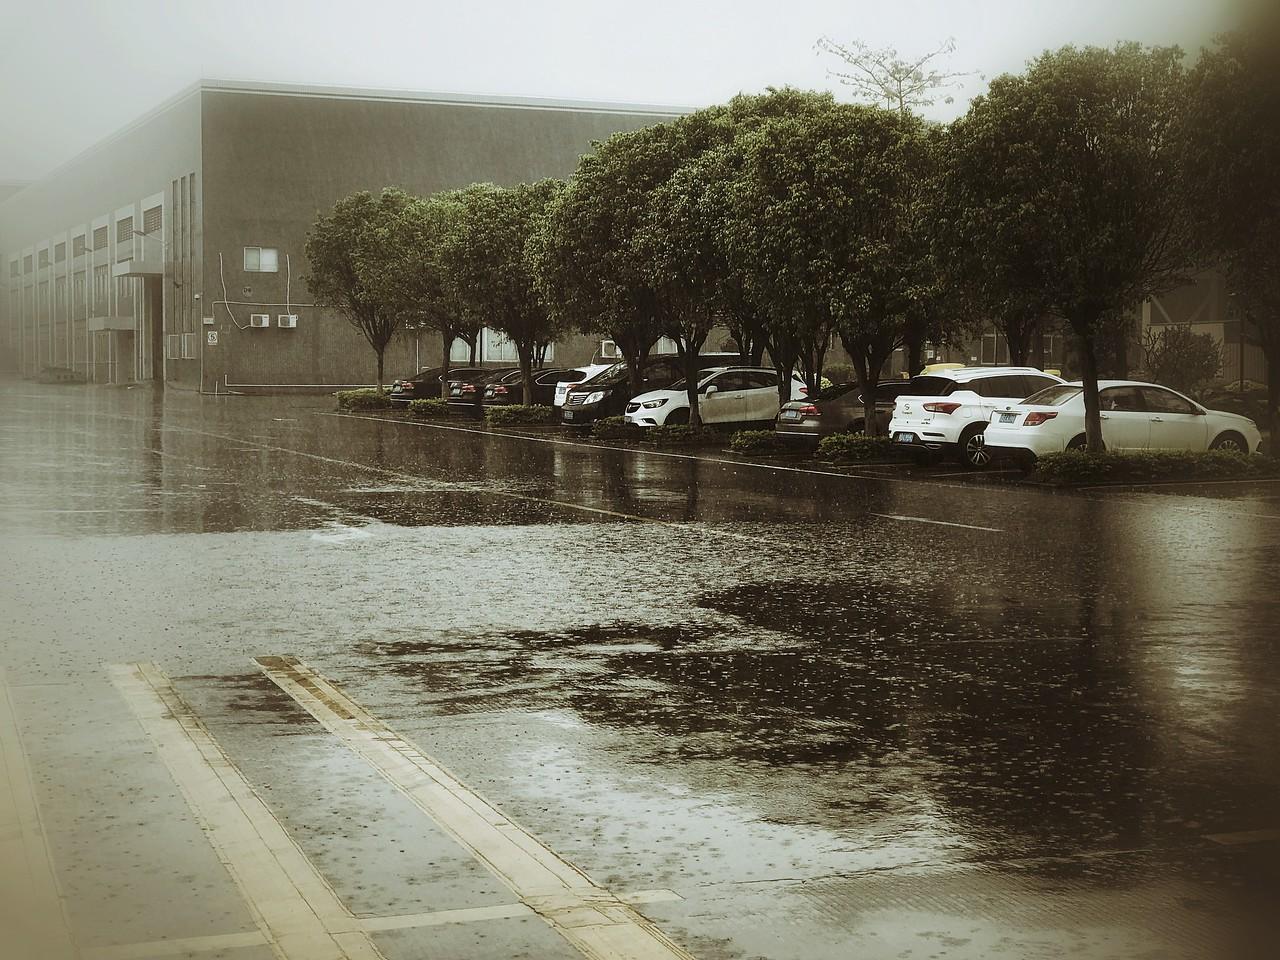 Thursday Mar 15 - Rainy south